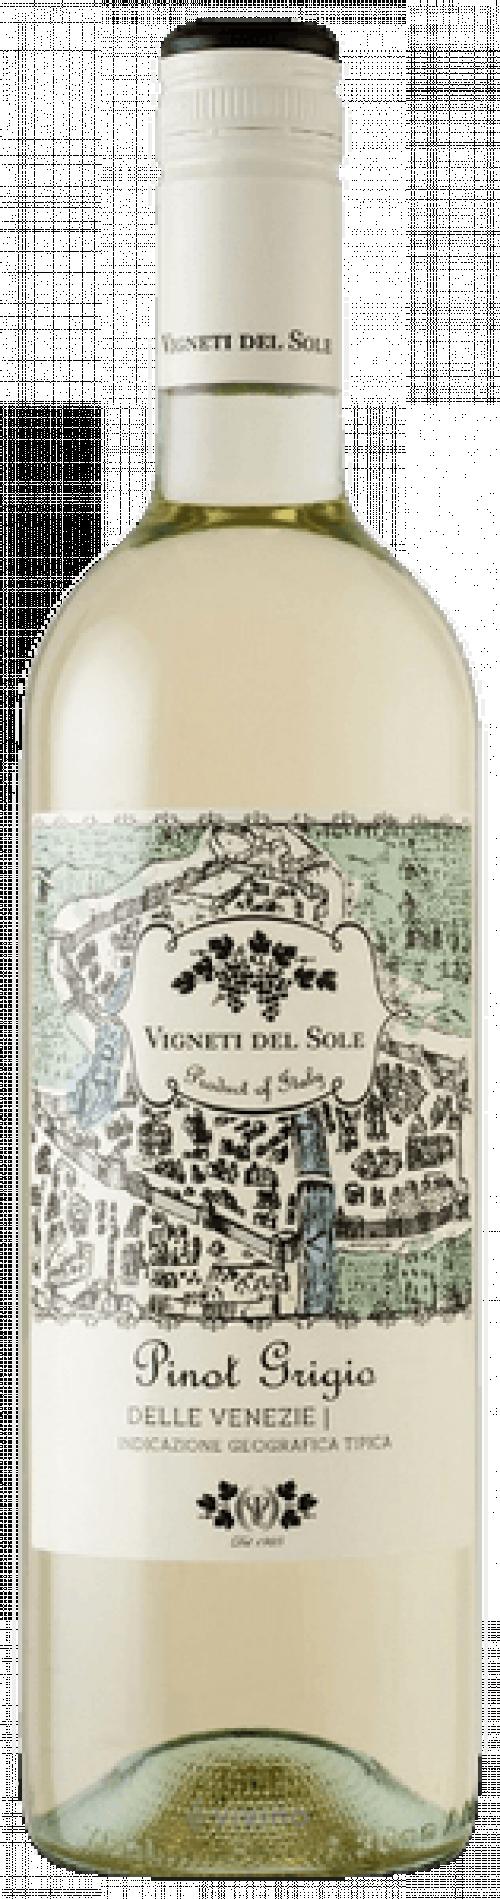 2019 Vigneti Del Sole Pinot Grigio 750ml